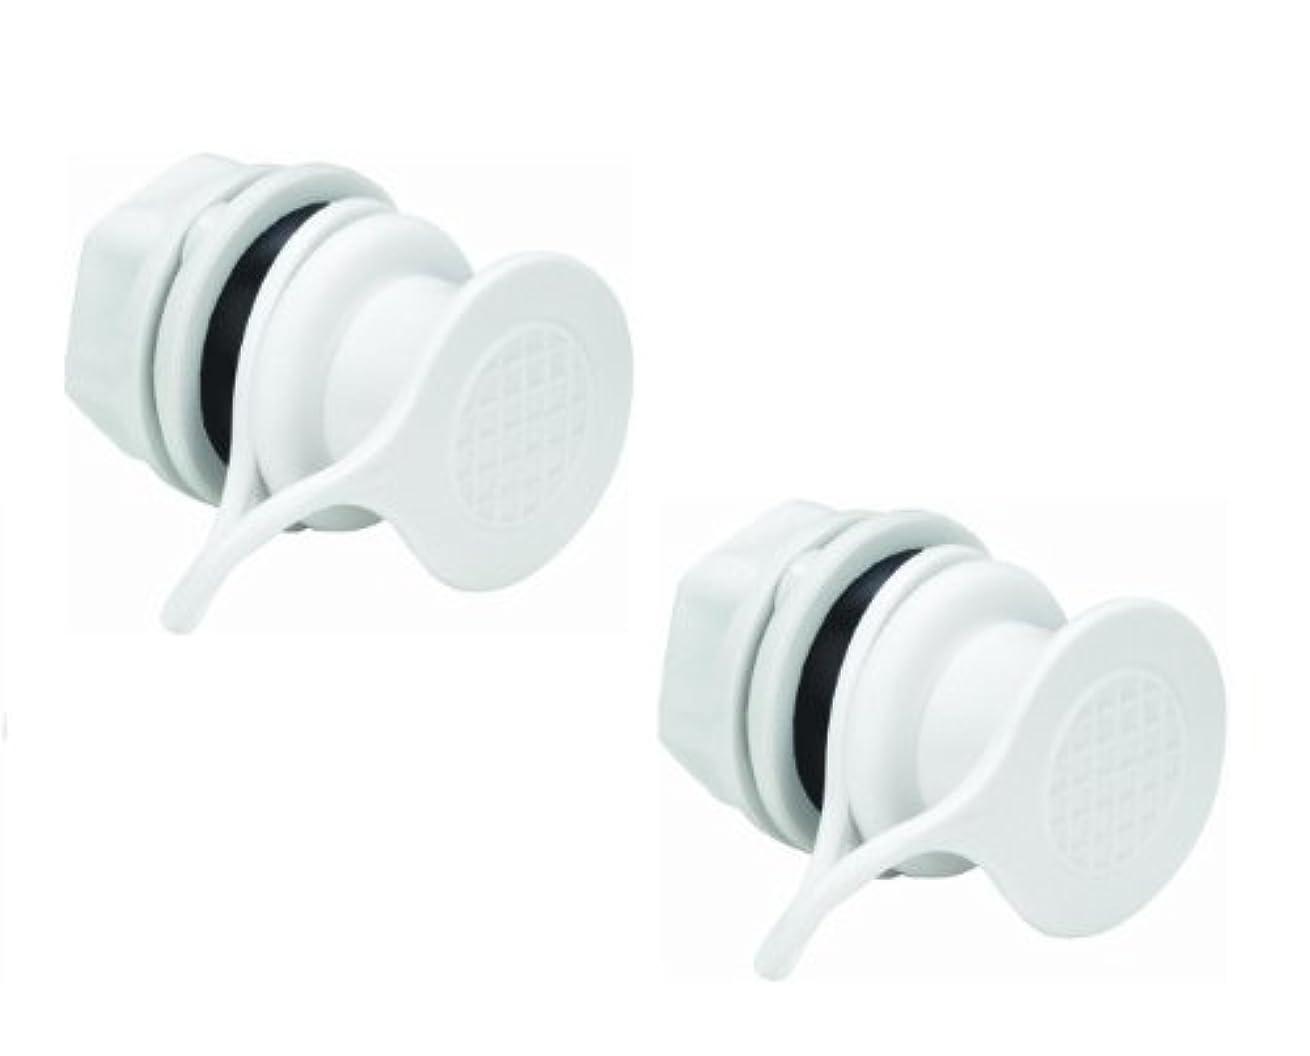 同一の潮小さなIgloo Cooler Replacement Standard Triple Snap Drain Plug (2pk) by Igloo